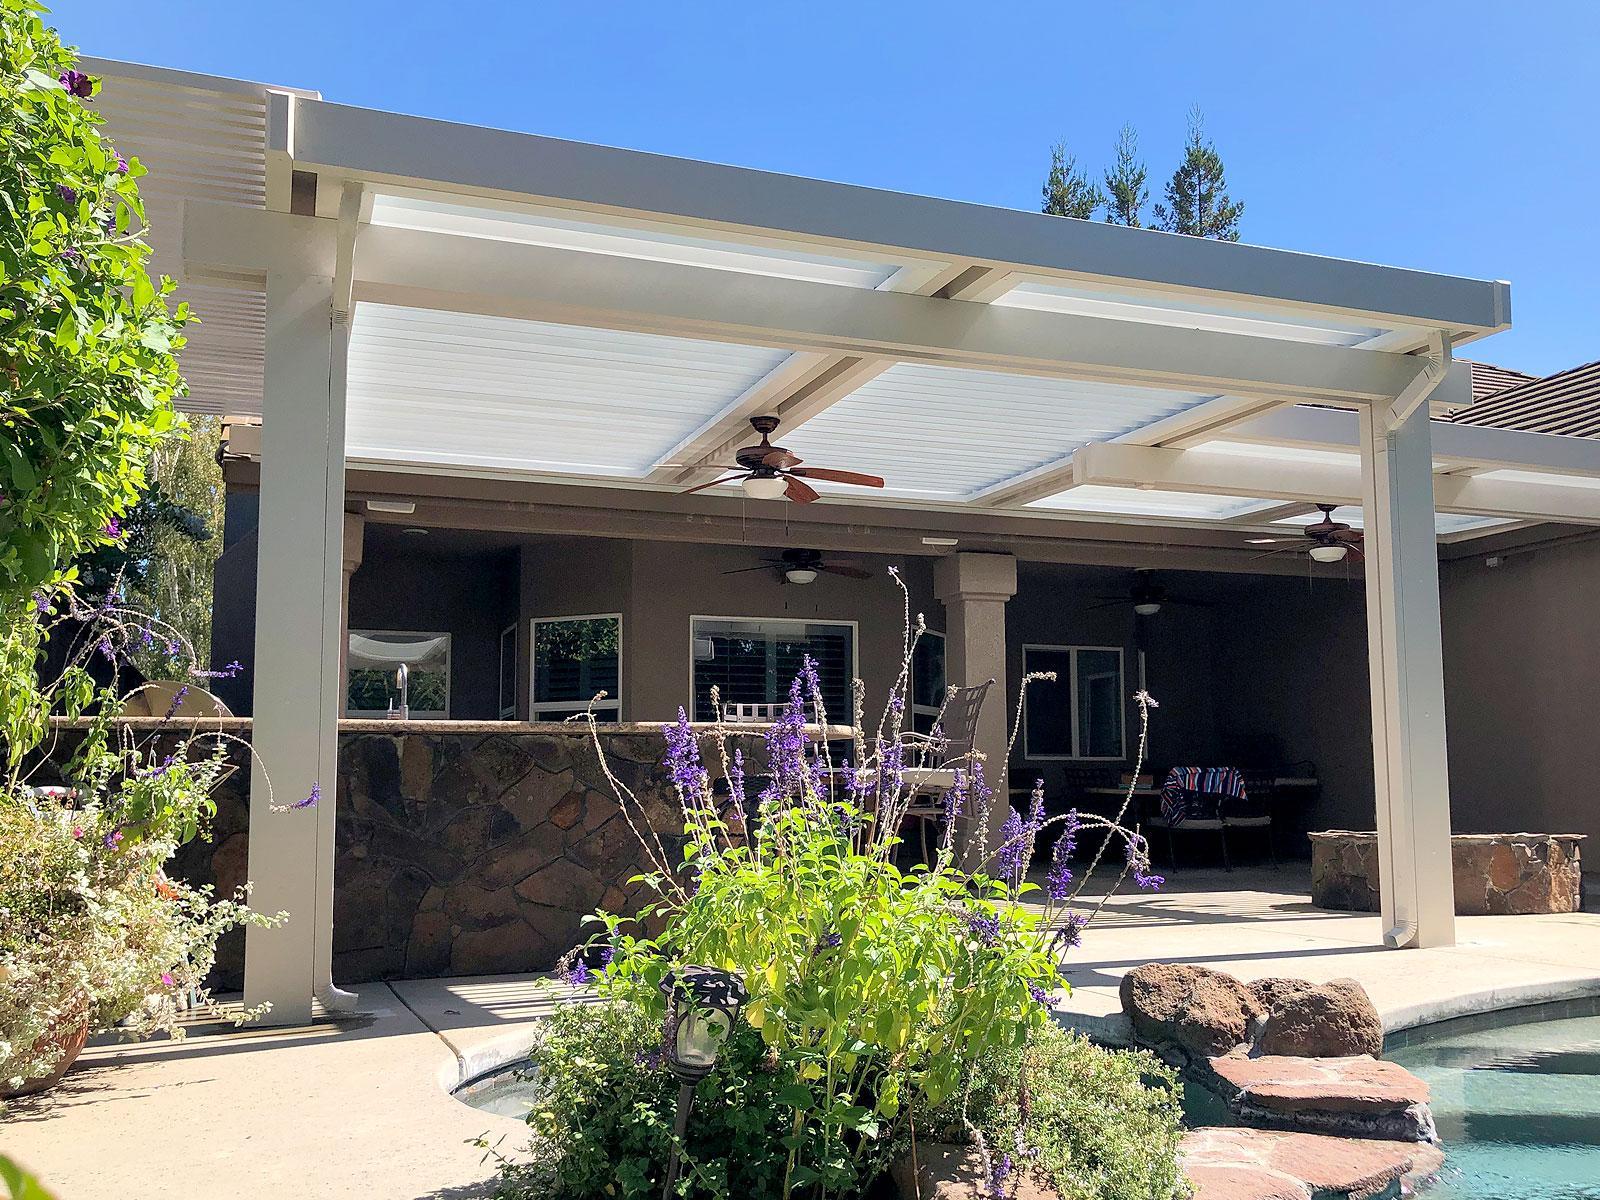 Rancho Cordova CA Patio Cover